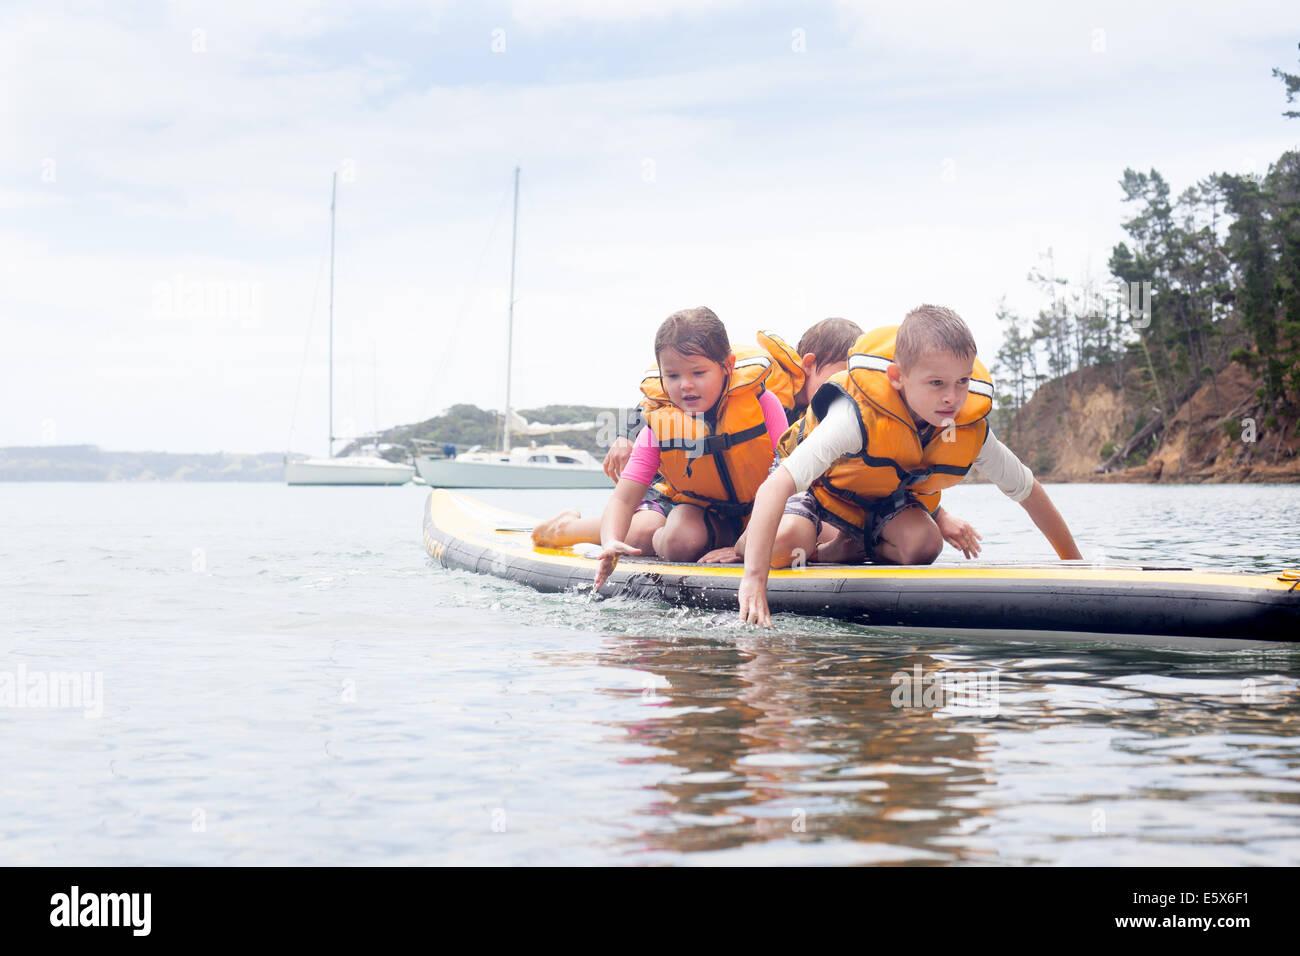 Fratelli e sorelle paddleboarding sulle ginocchia in mare Immagini Stock